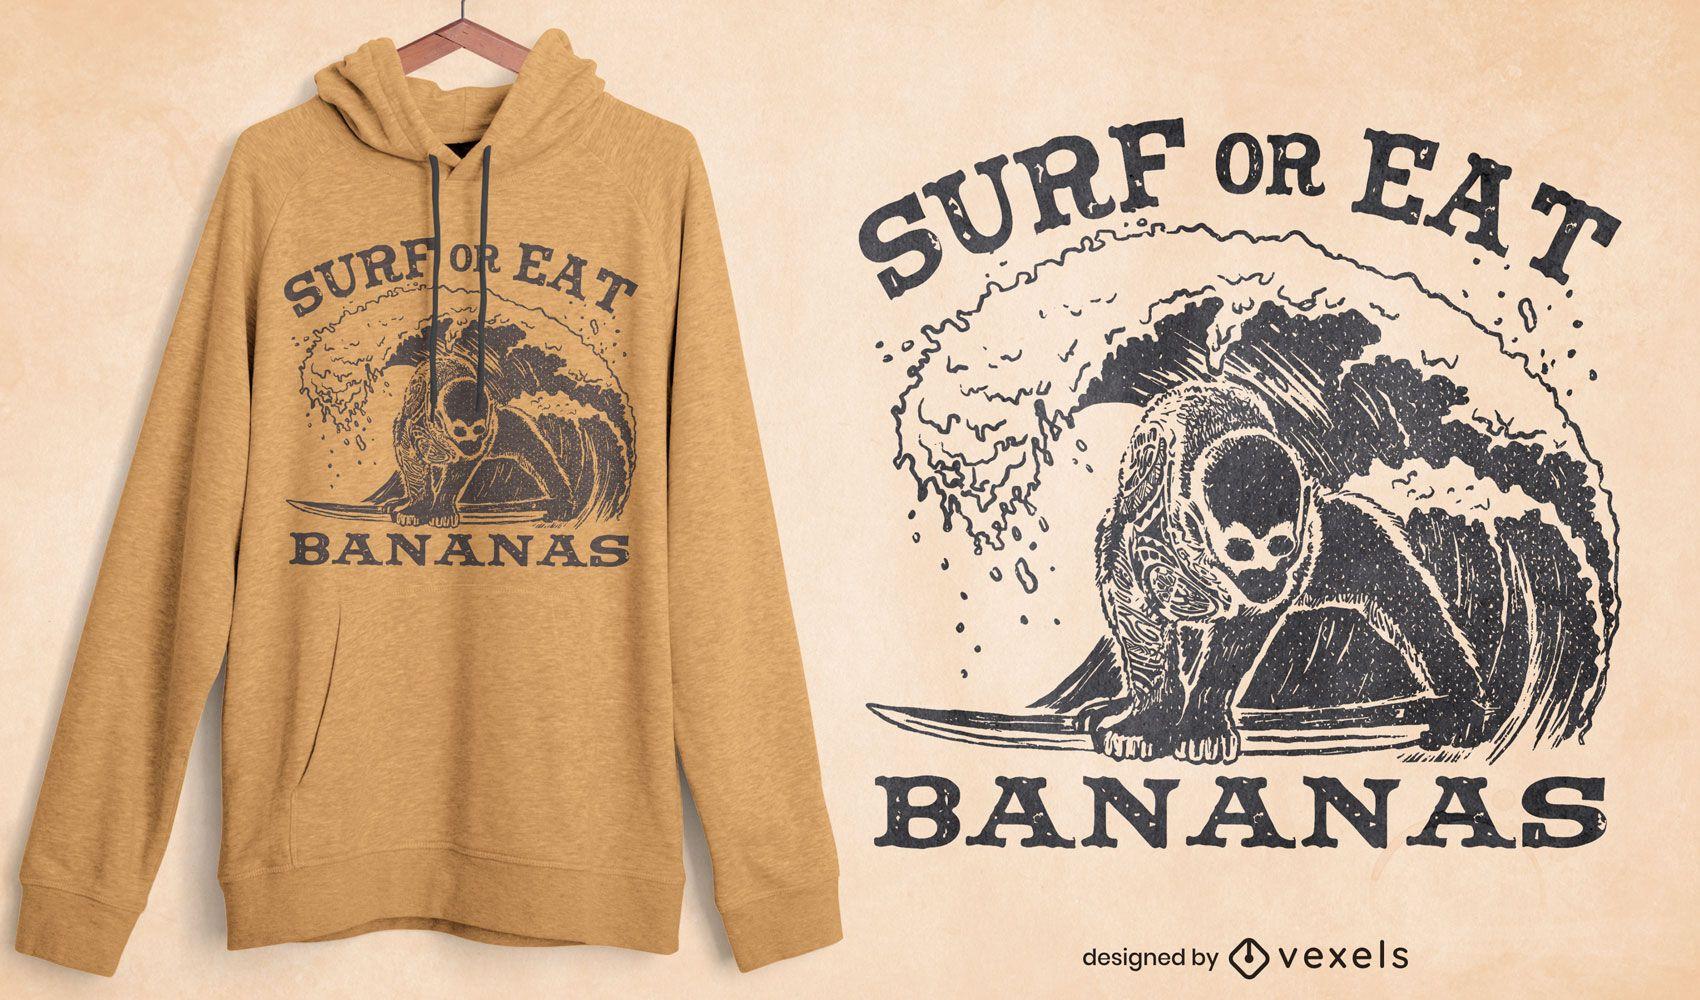 Diseño de camiseta de surf o comer plátanos.